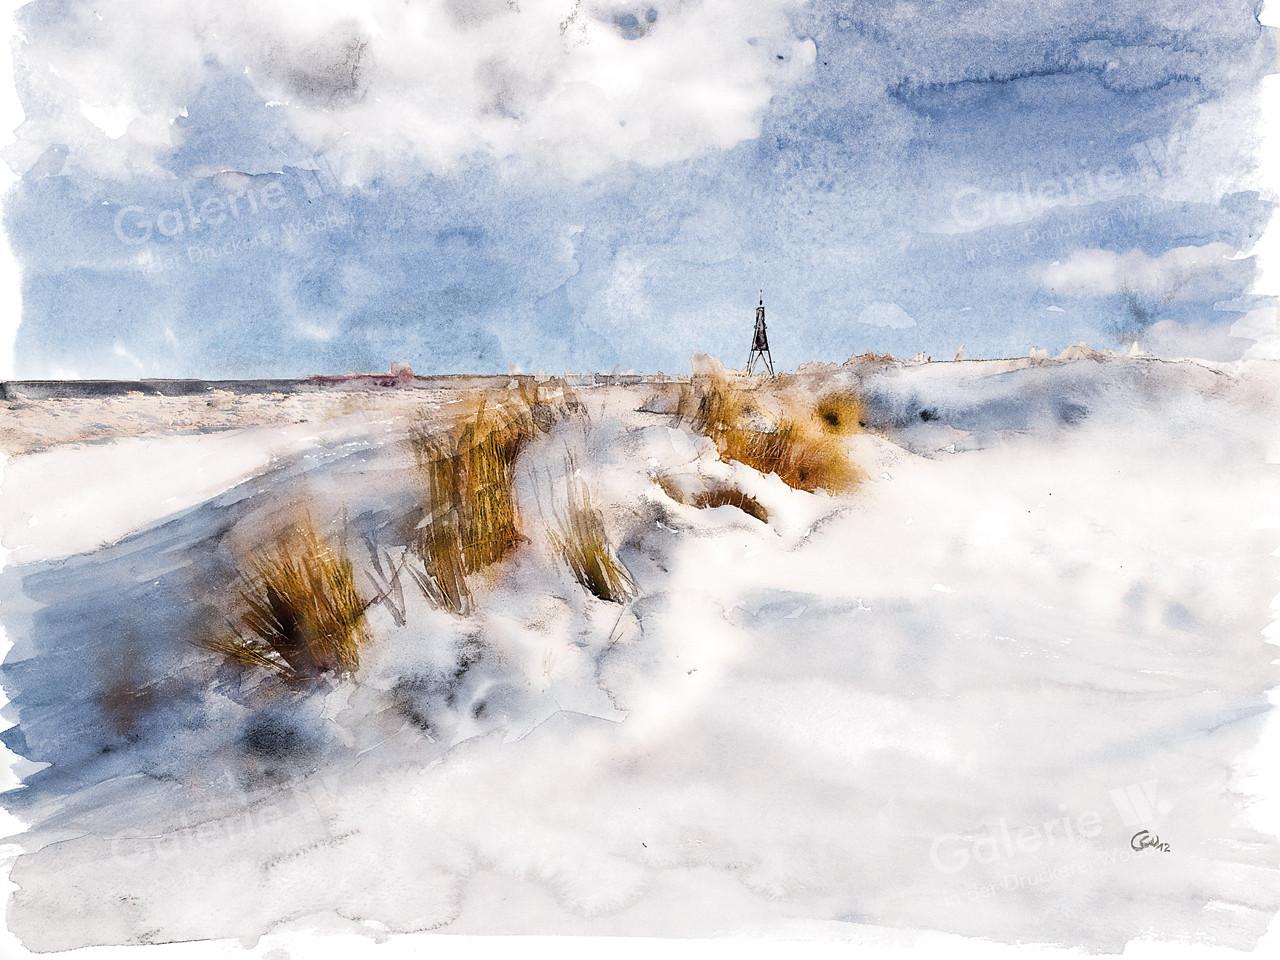 82108 Kugelbake im Schnee